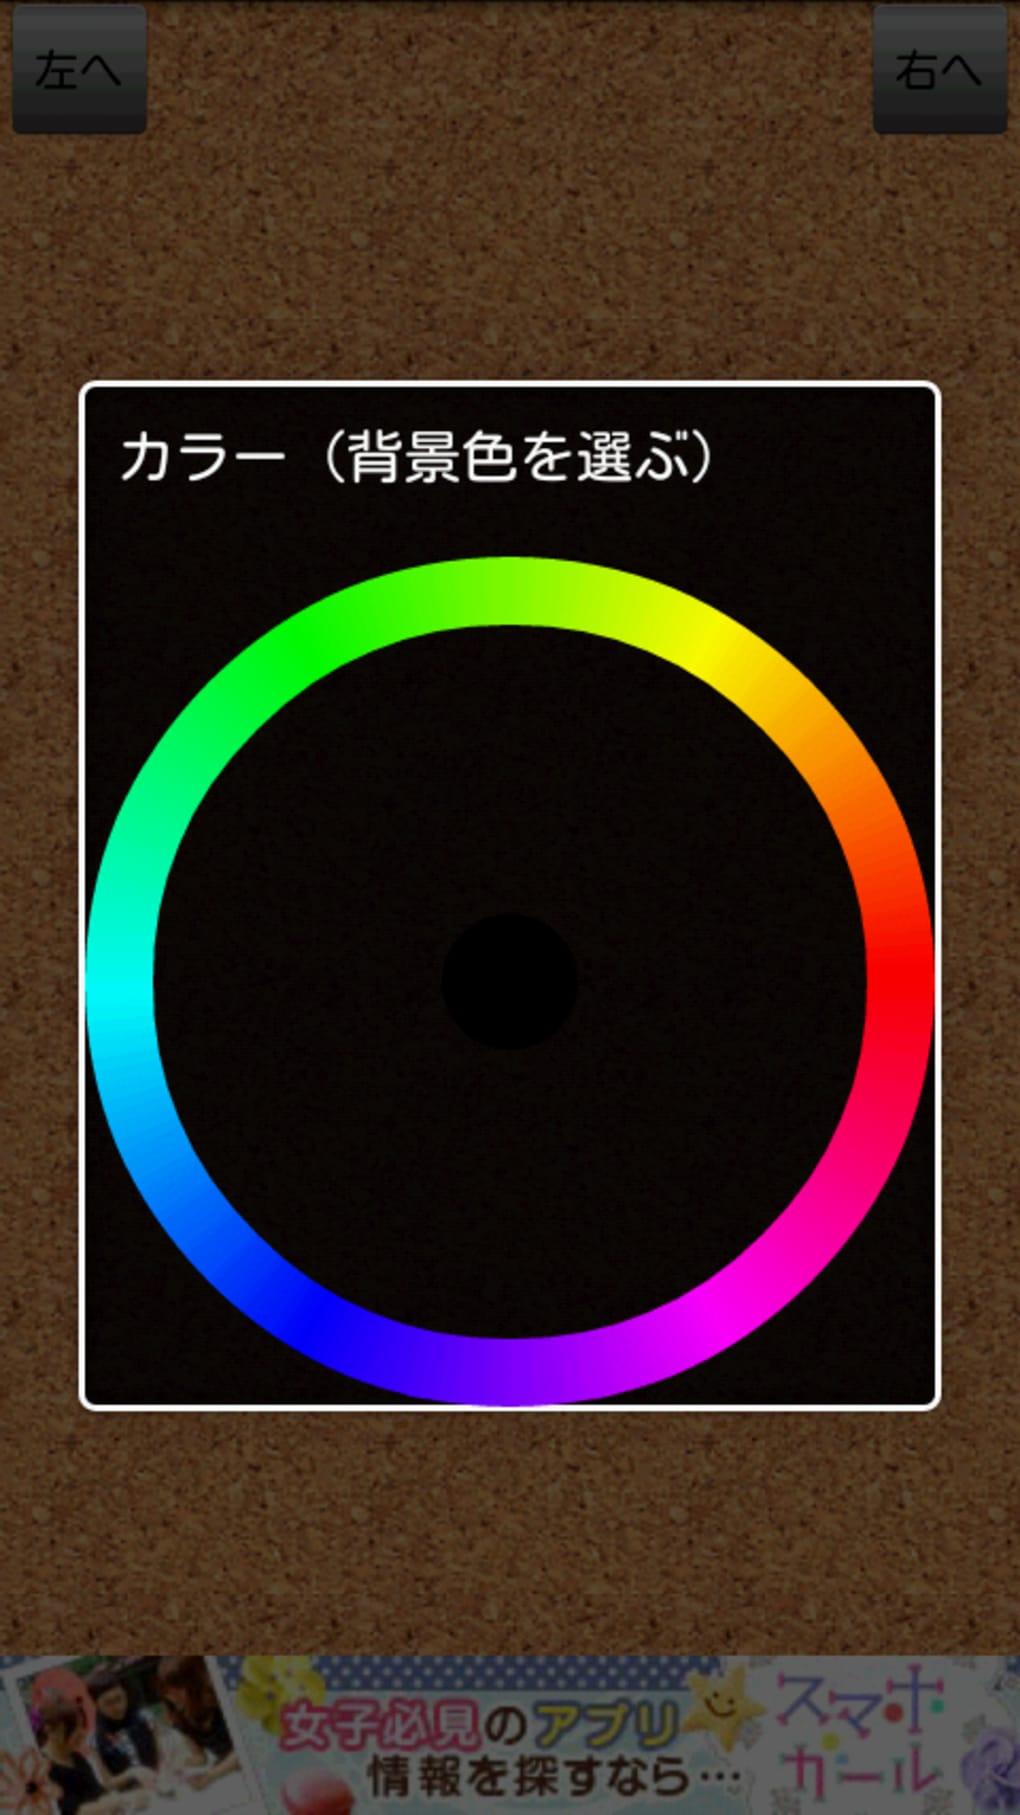 壁紙メーカー For Android ダウンロード